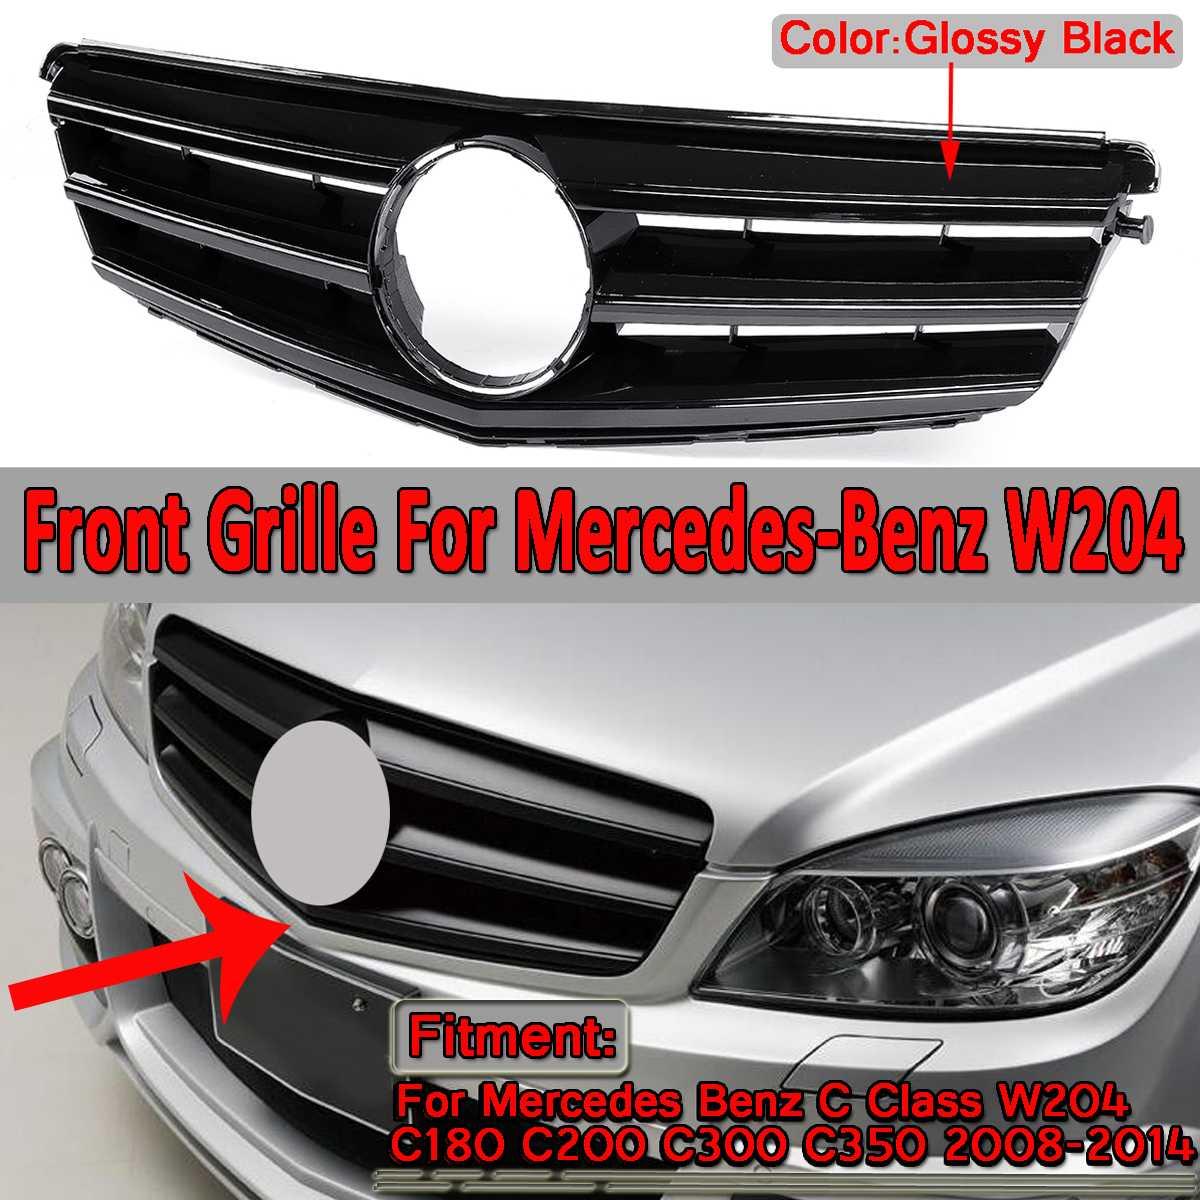 Left Side Fog Light Trim Grille for 2012-2014 Mercedes W204 C250 C300 C350